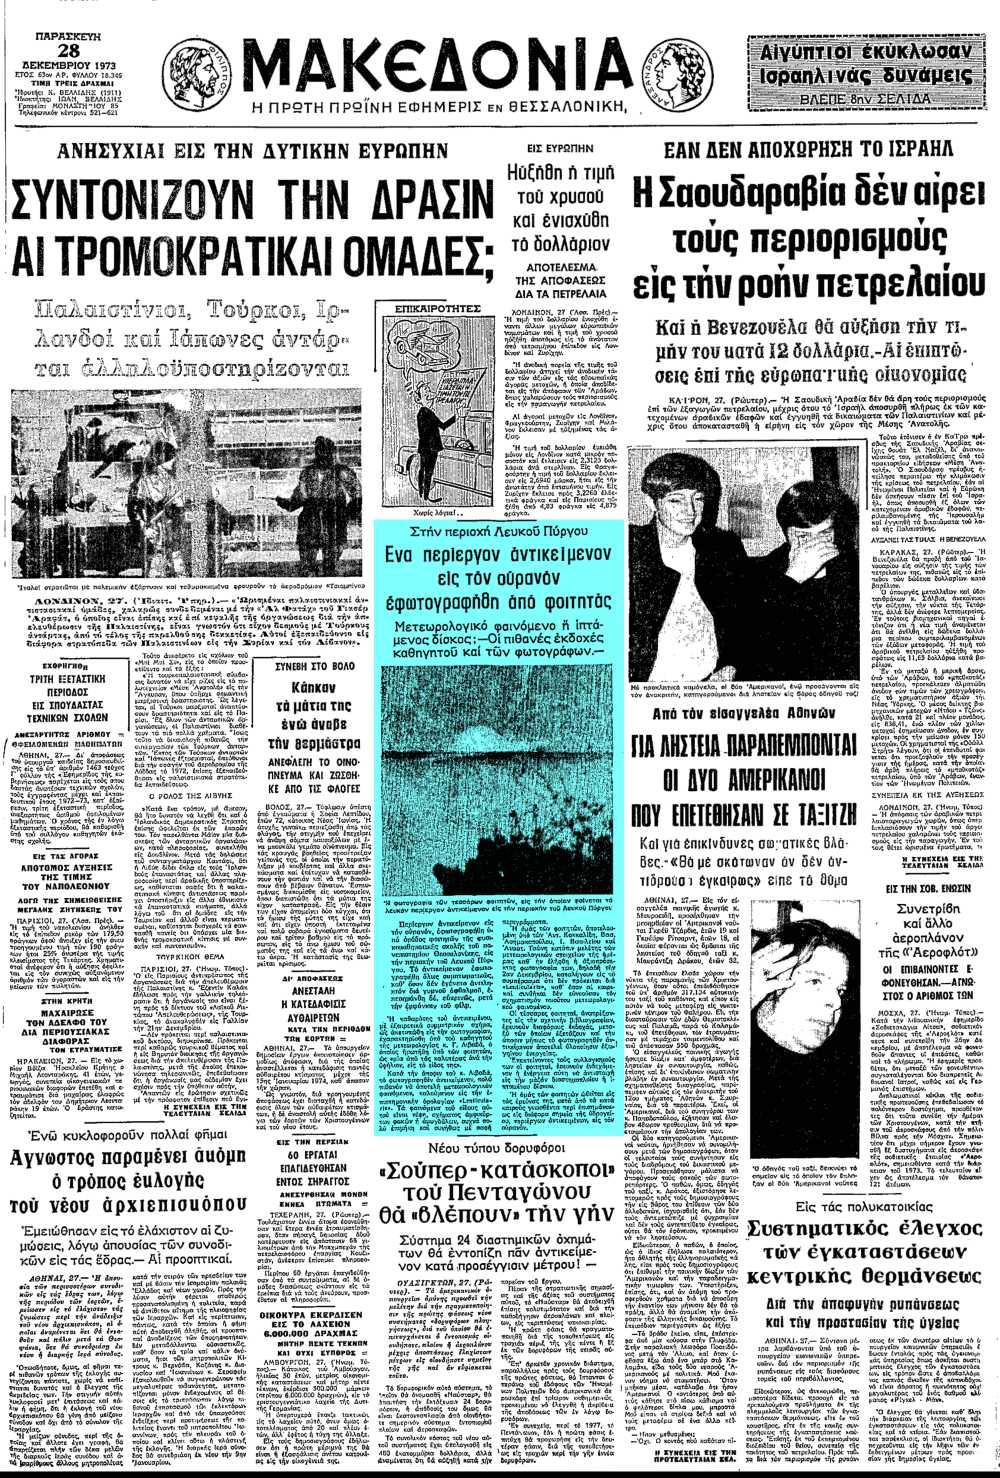 """Το άρθρο, όπως δημοσιεύθηκε στην εφημερίδα """"ΜΑΚΕΔΟΝΙΑ"""", στις 28/12/1973"""